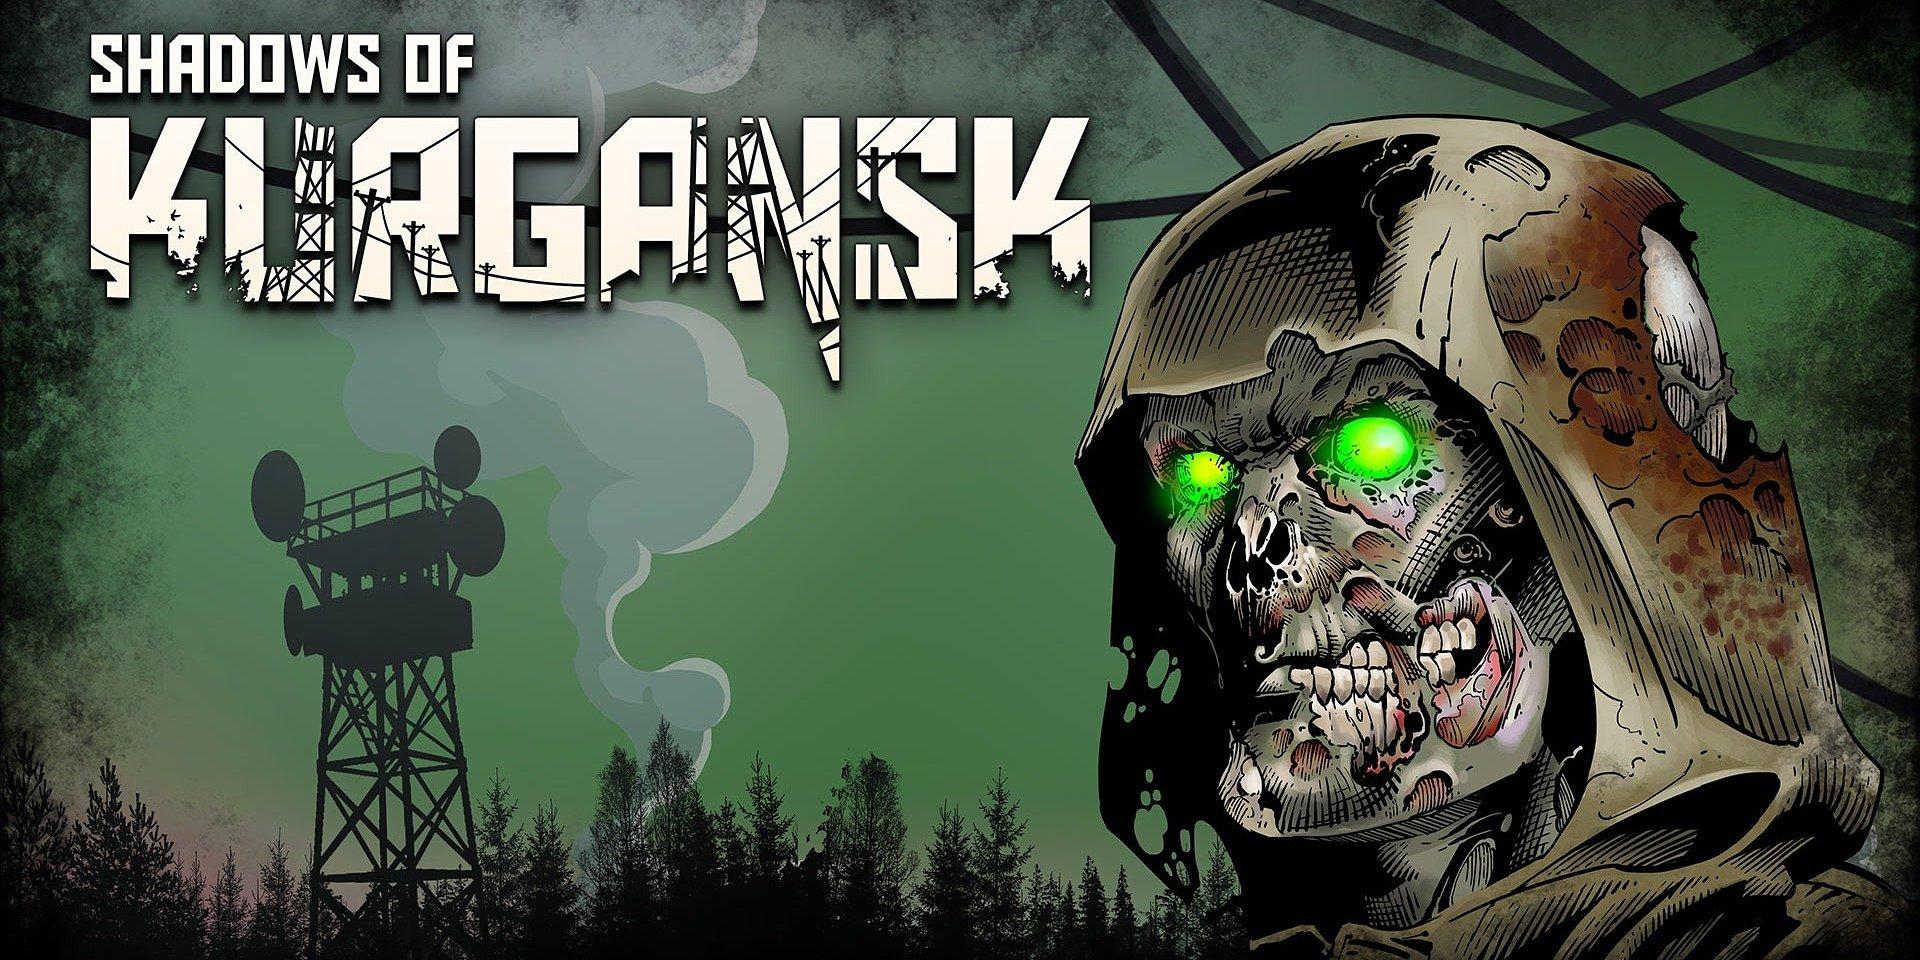 A Shadows of Kurgansk című horrorjátékot minden konzolon elindítják